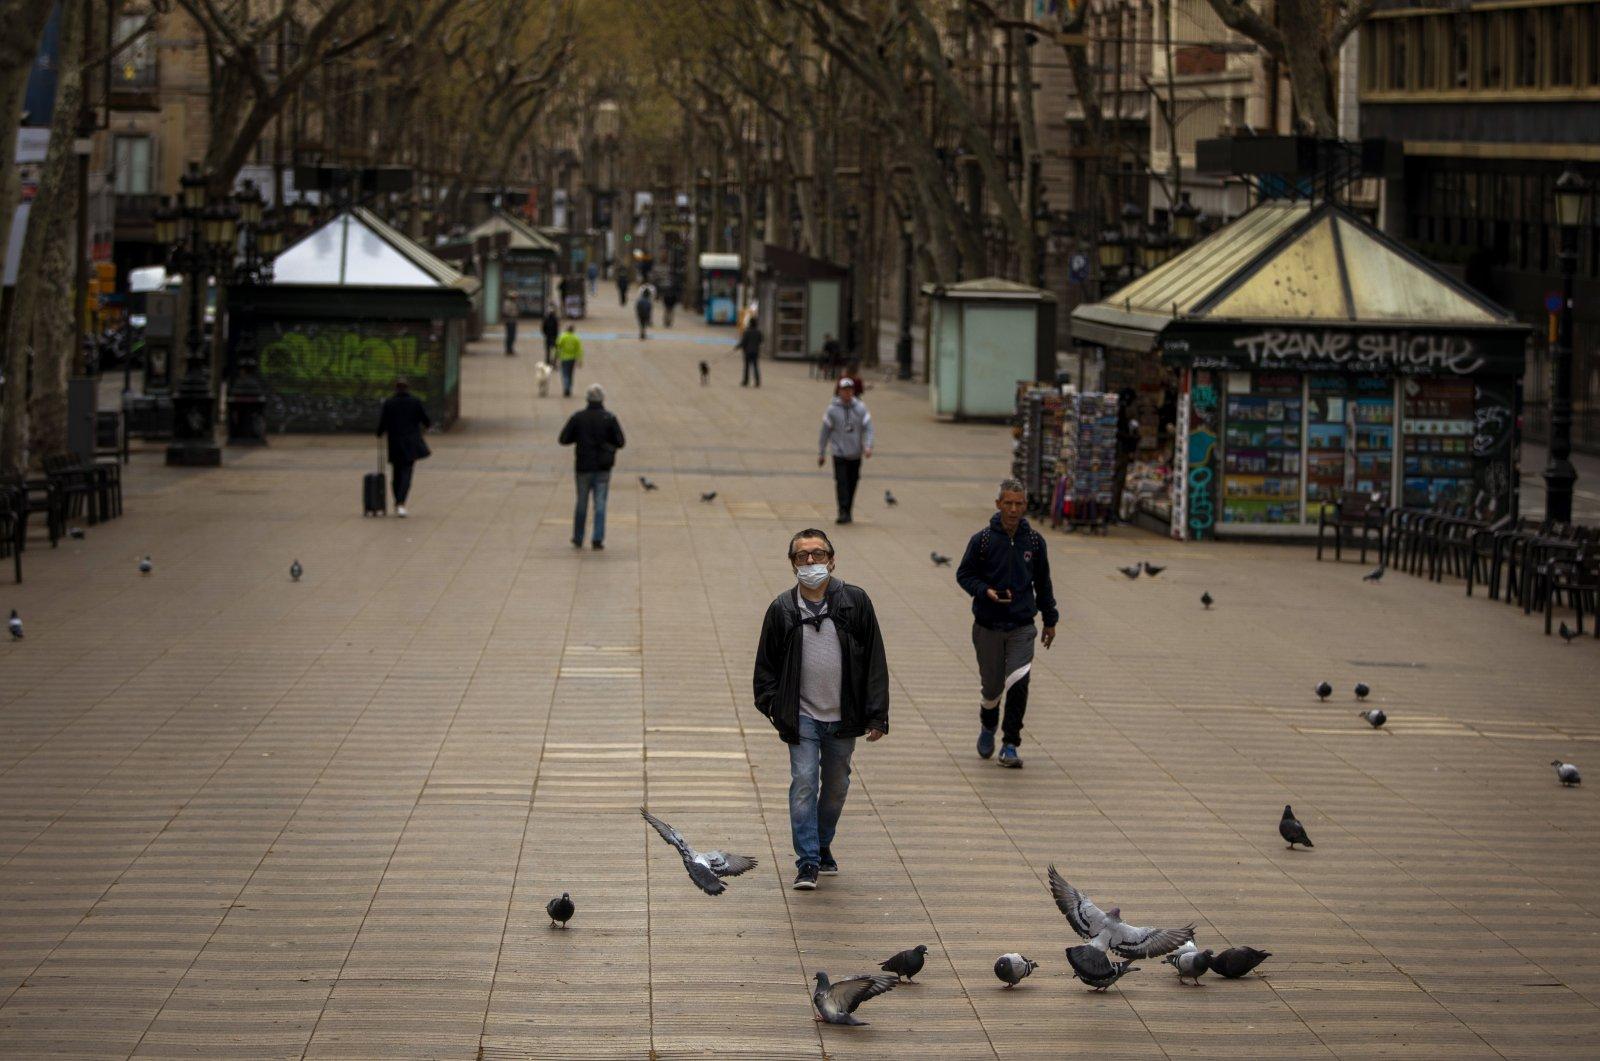 People walk along La Ramblas in Barcelona, Spain, March 15, 2020. (AP Photo)